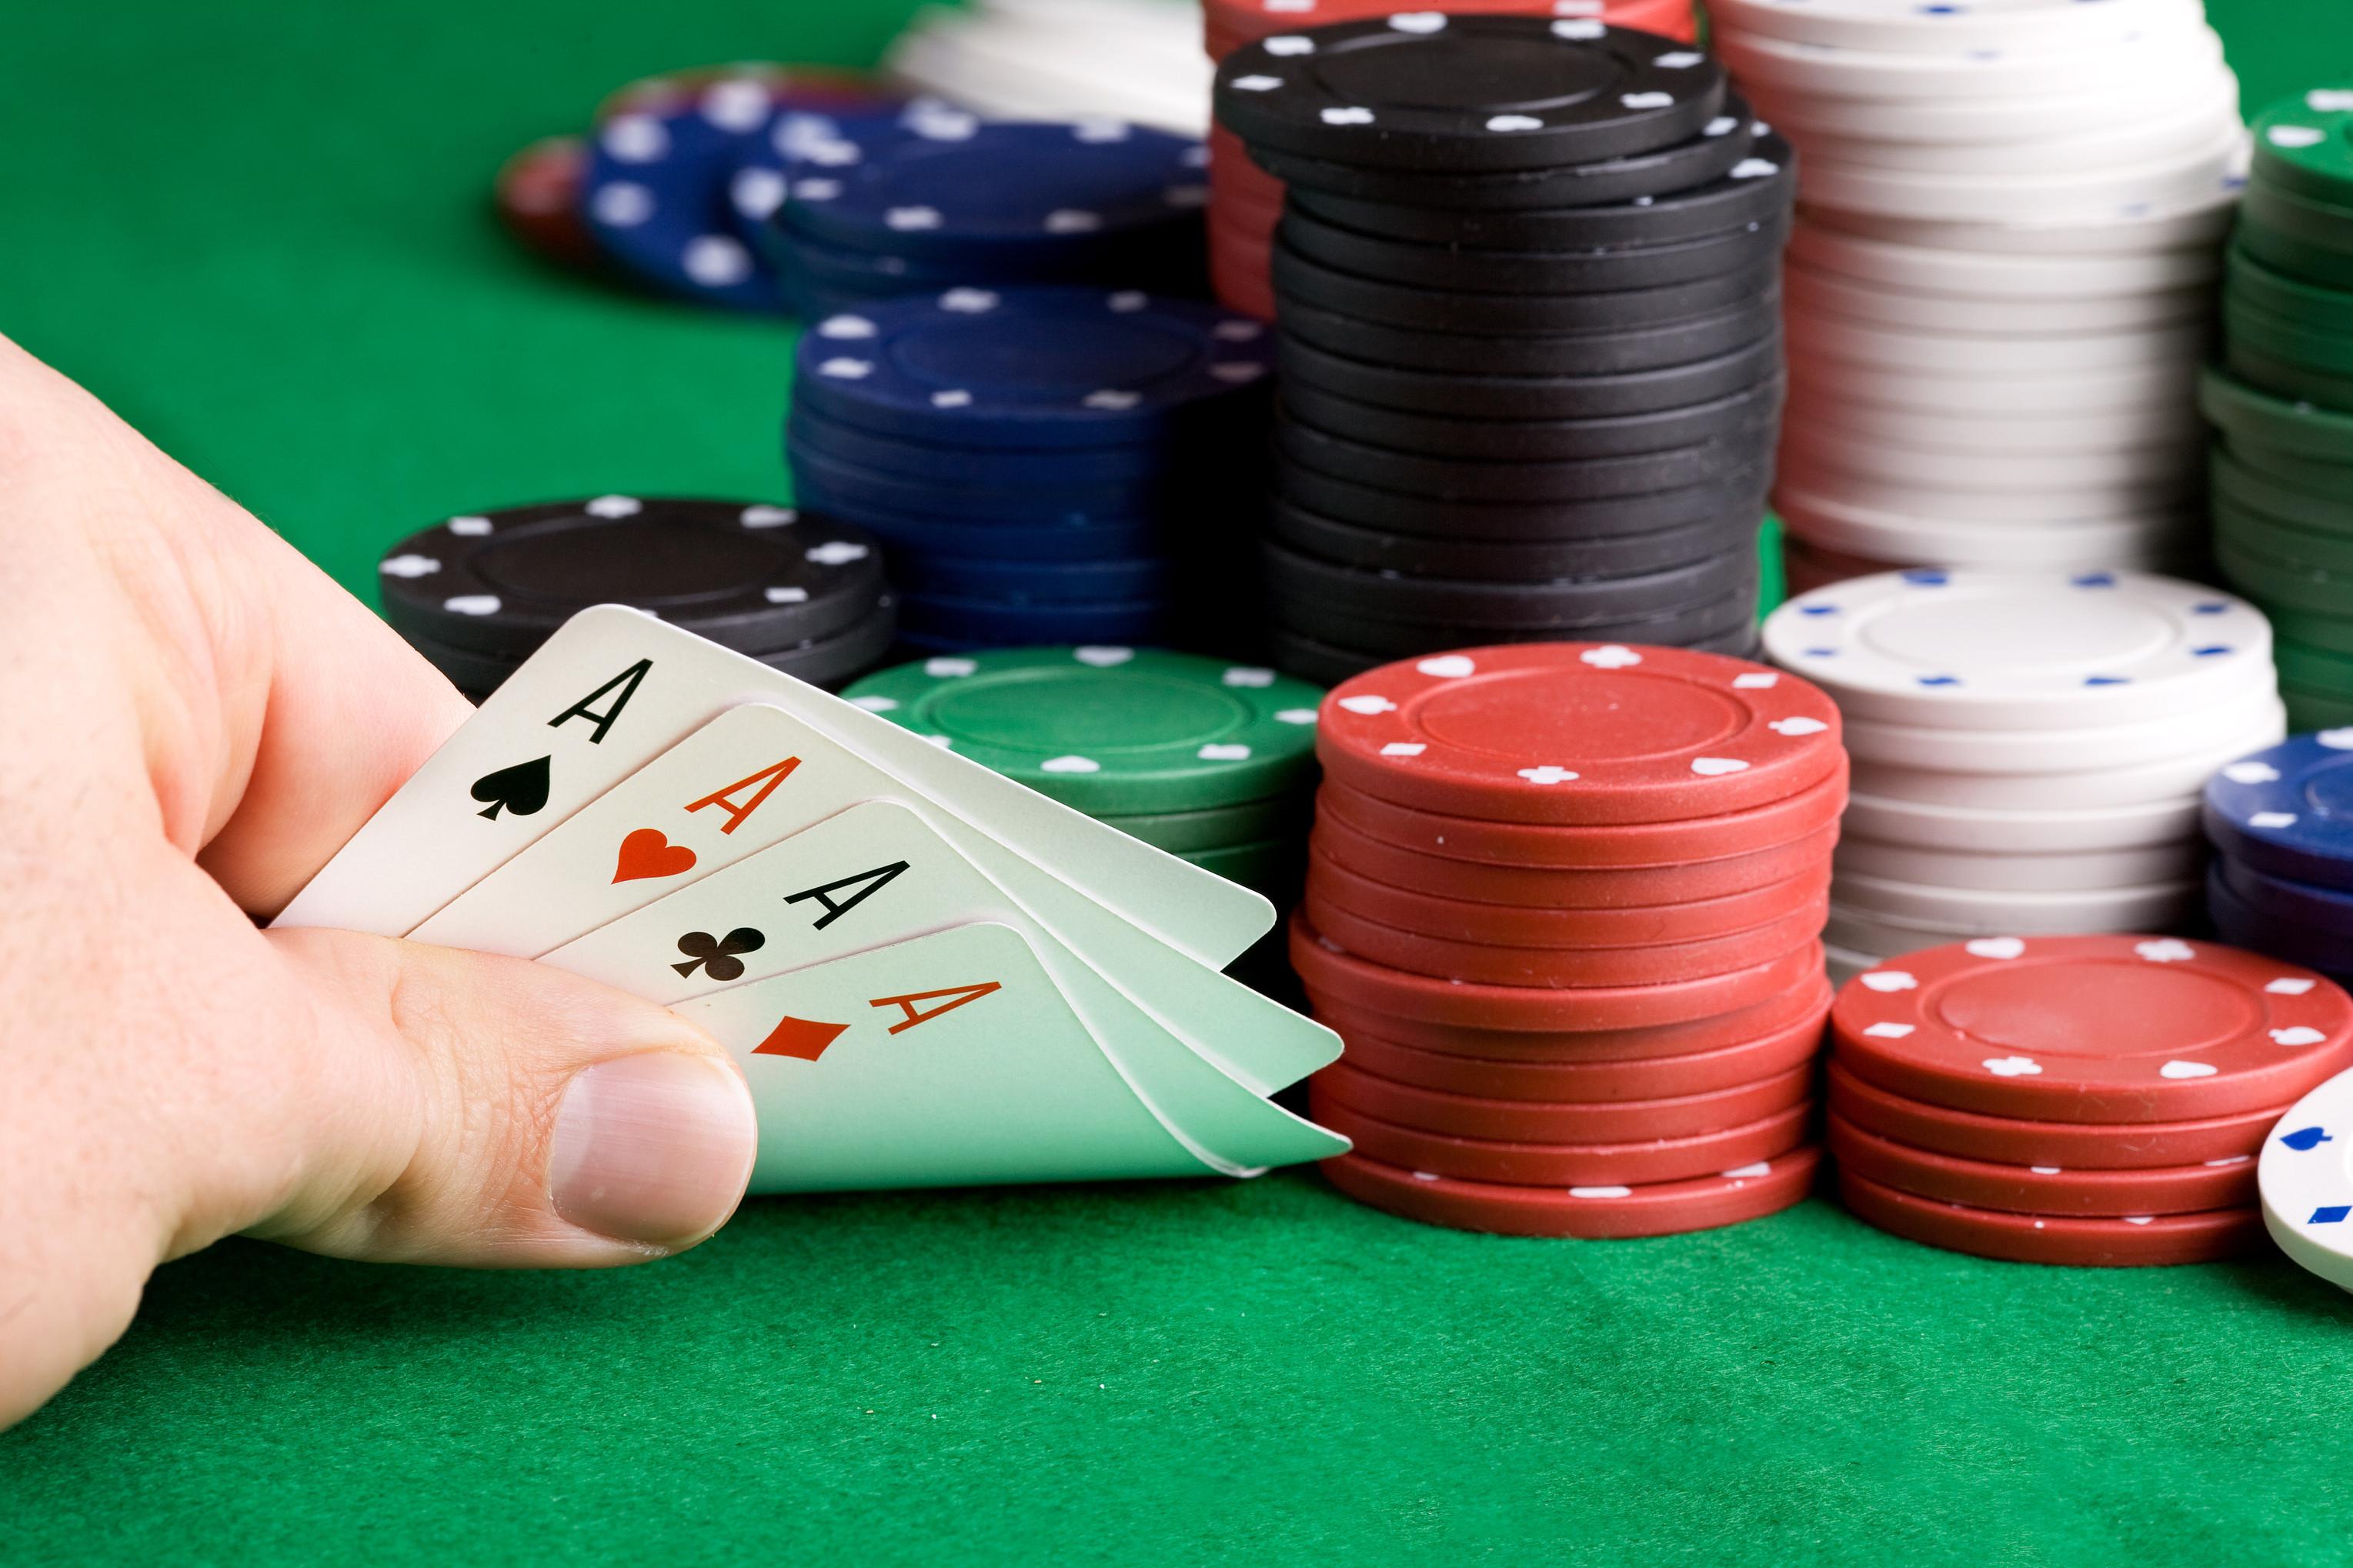 賭博,賭場示意圖(圖/達志/示意圖)